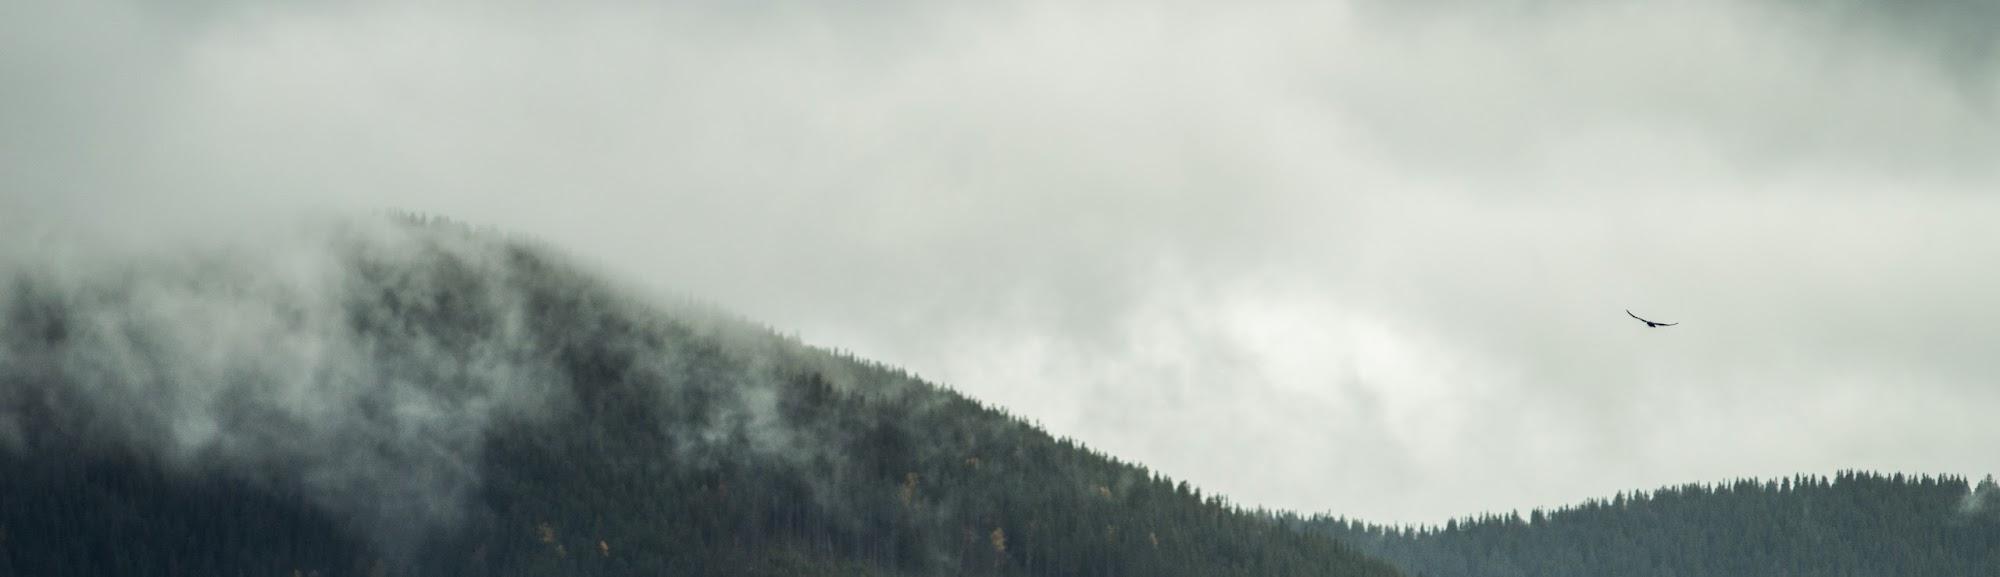 Орел, Хребет, Ліс